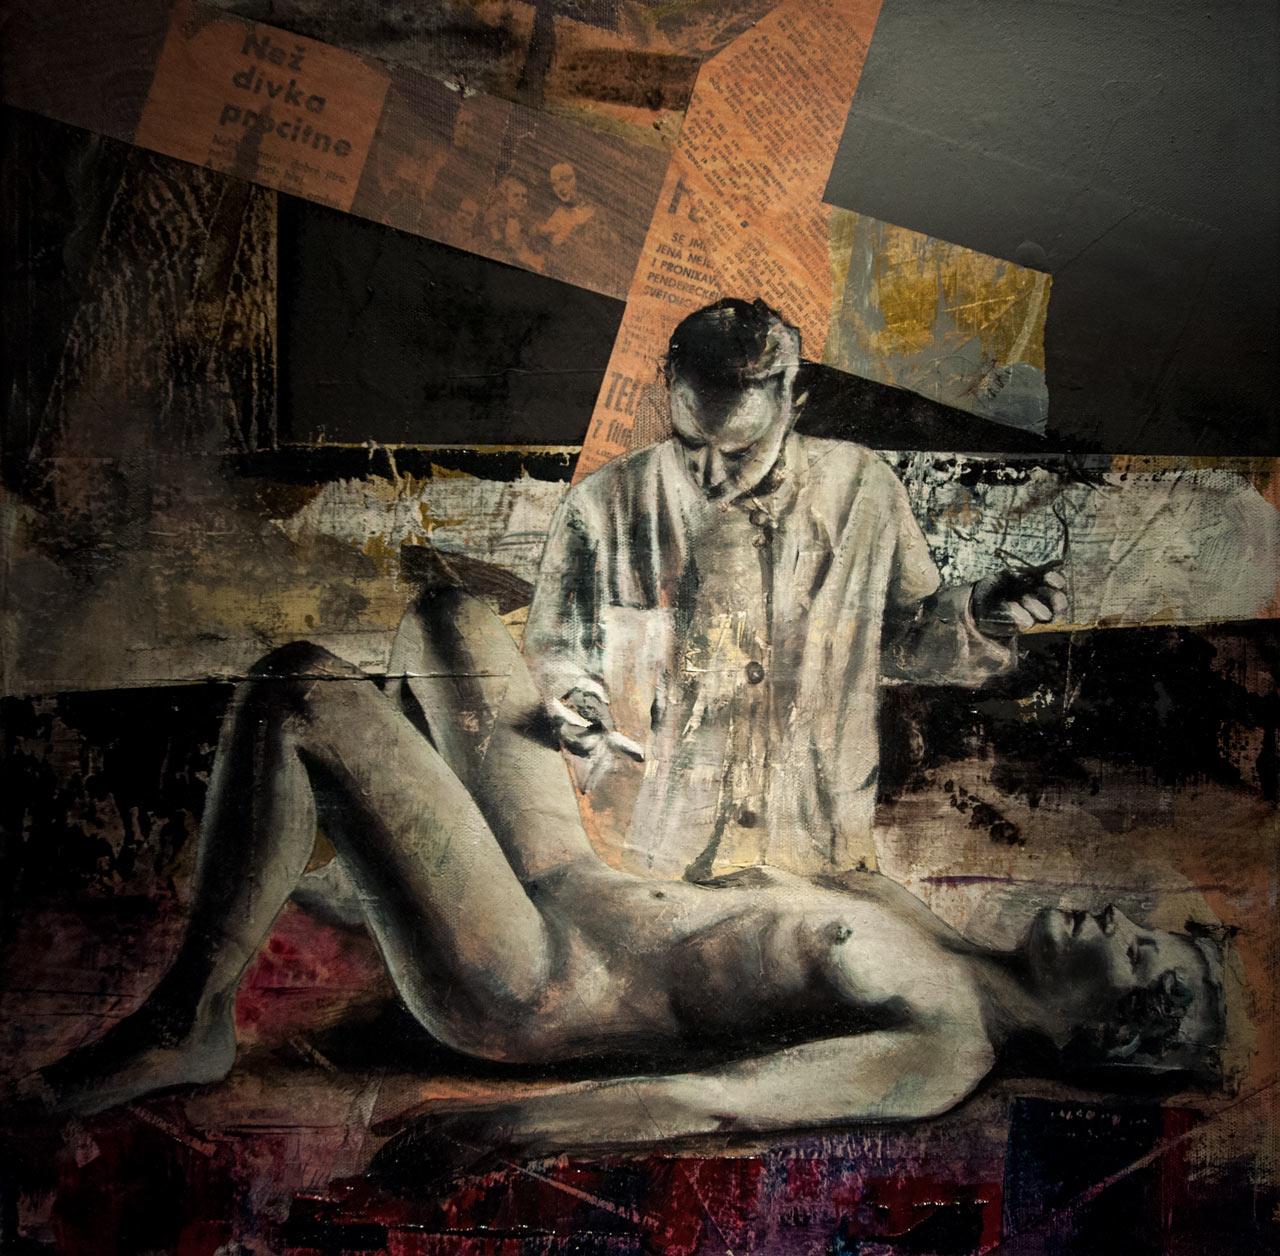 Než dívka procitne - olej a koláž na plátně, 40 x 40 cm, 2019